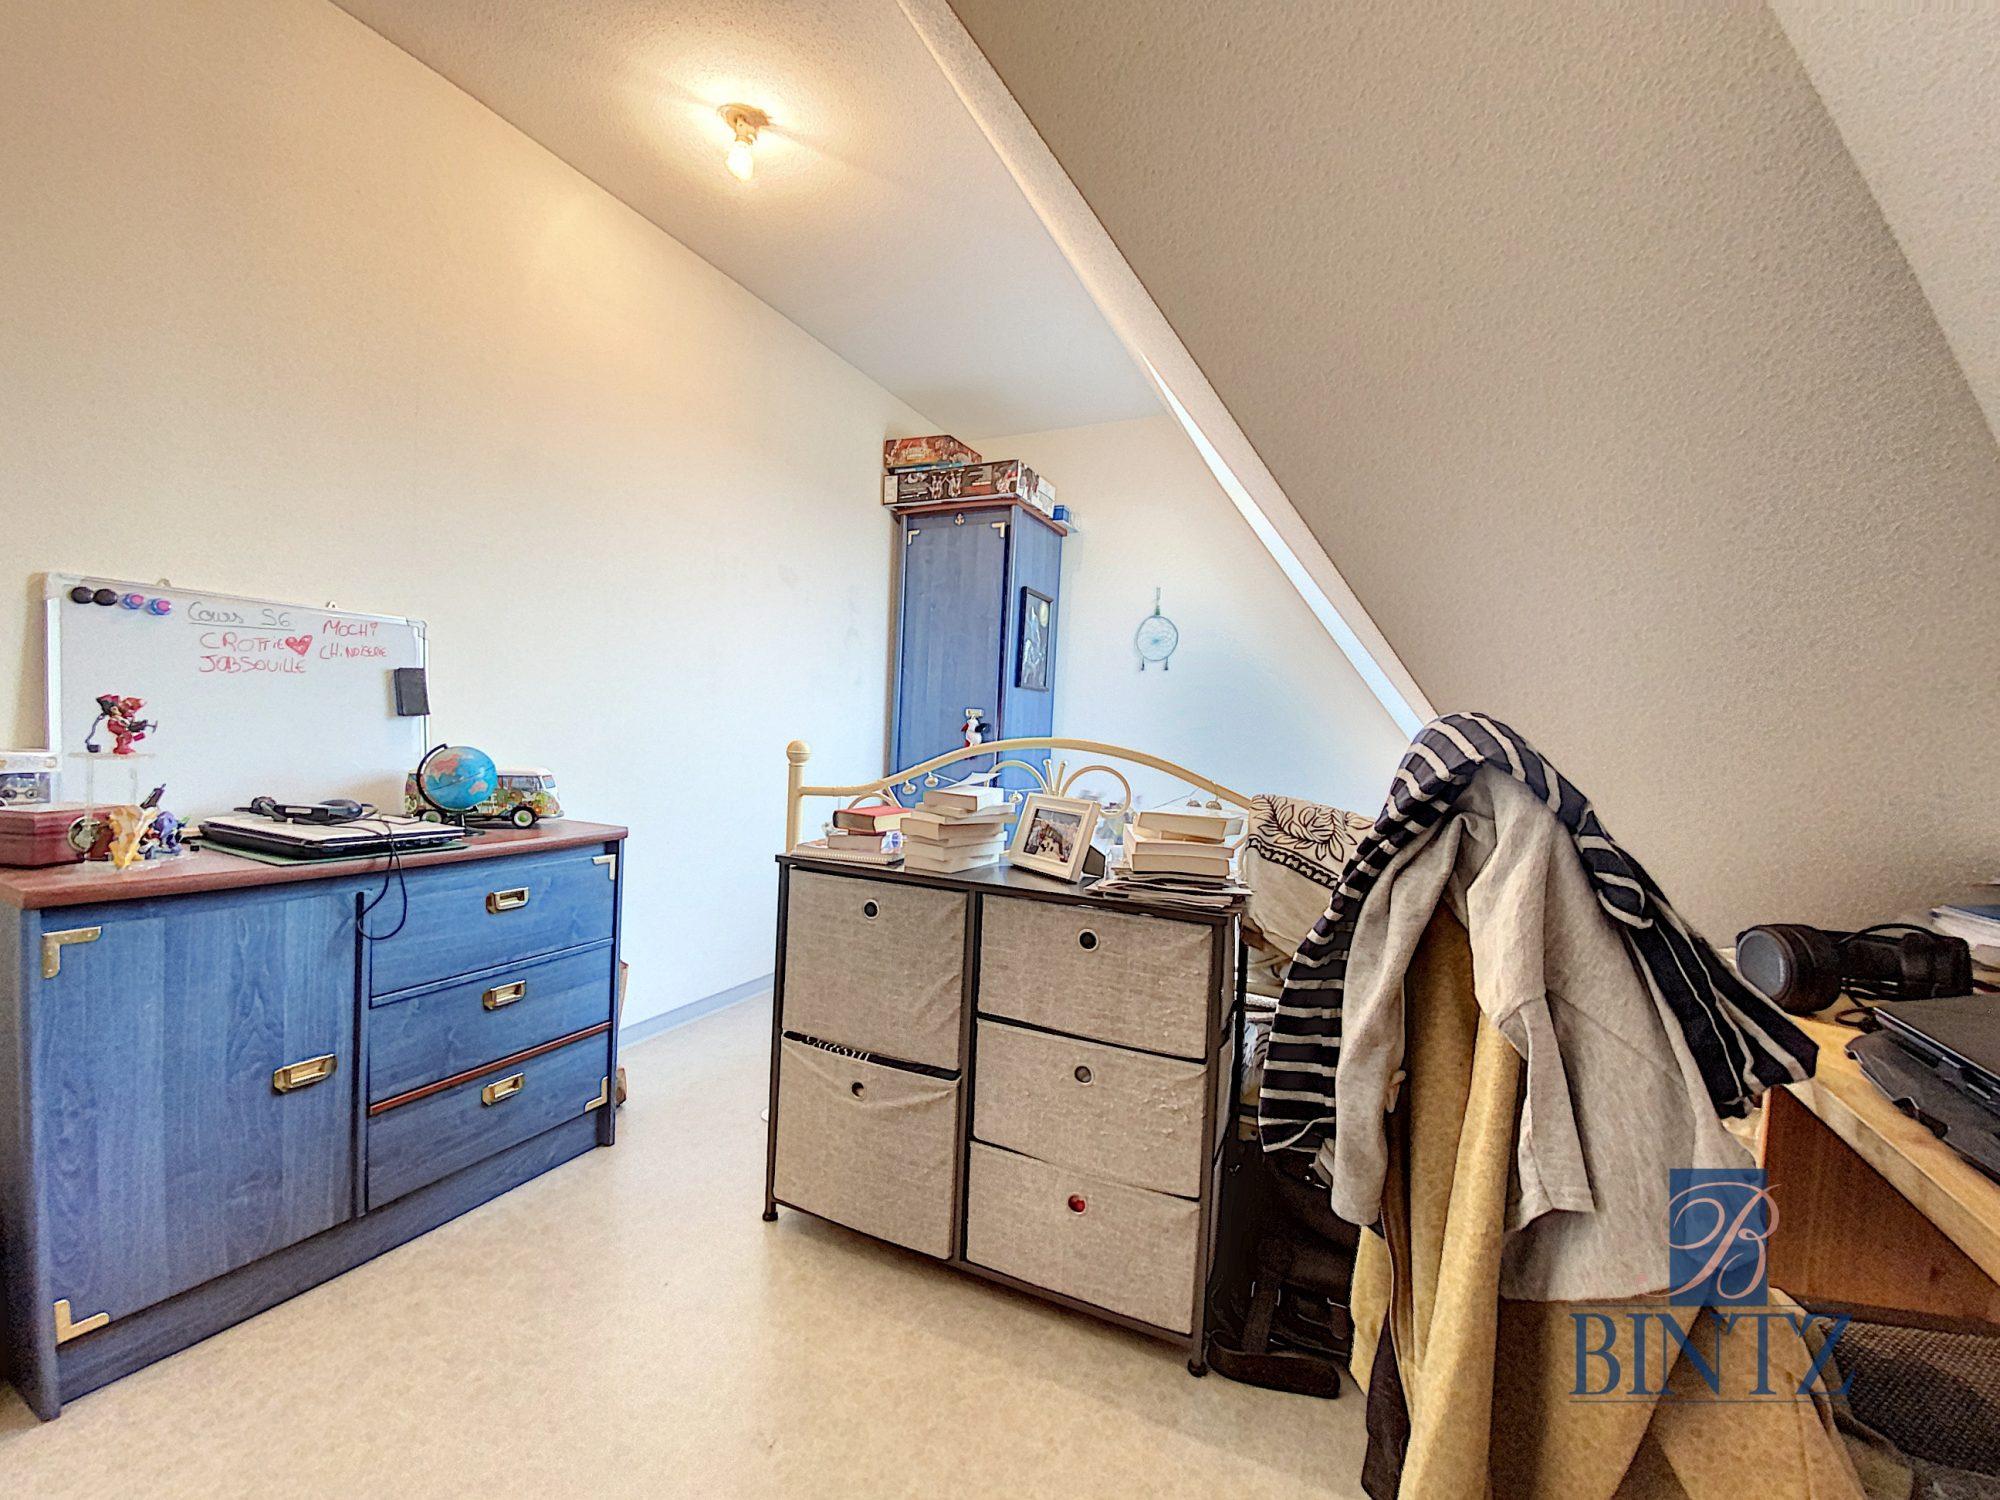 2 PIÈCES AVEC PARKING SCHILTIGHEIM - Devenez locataire en toute sérénité - Bintz Immobilier - 11